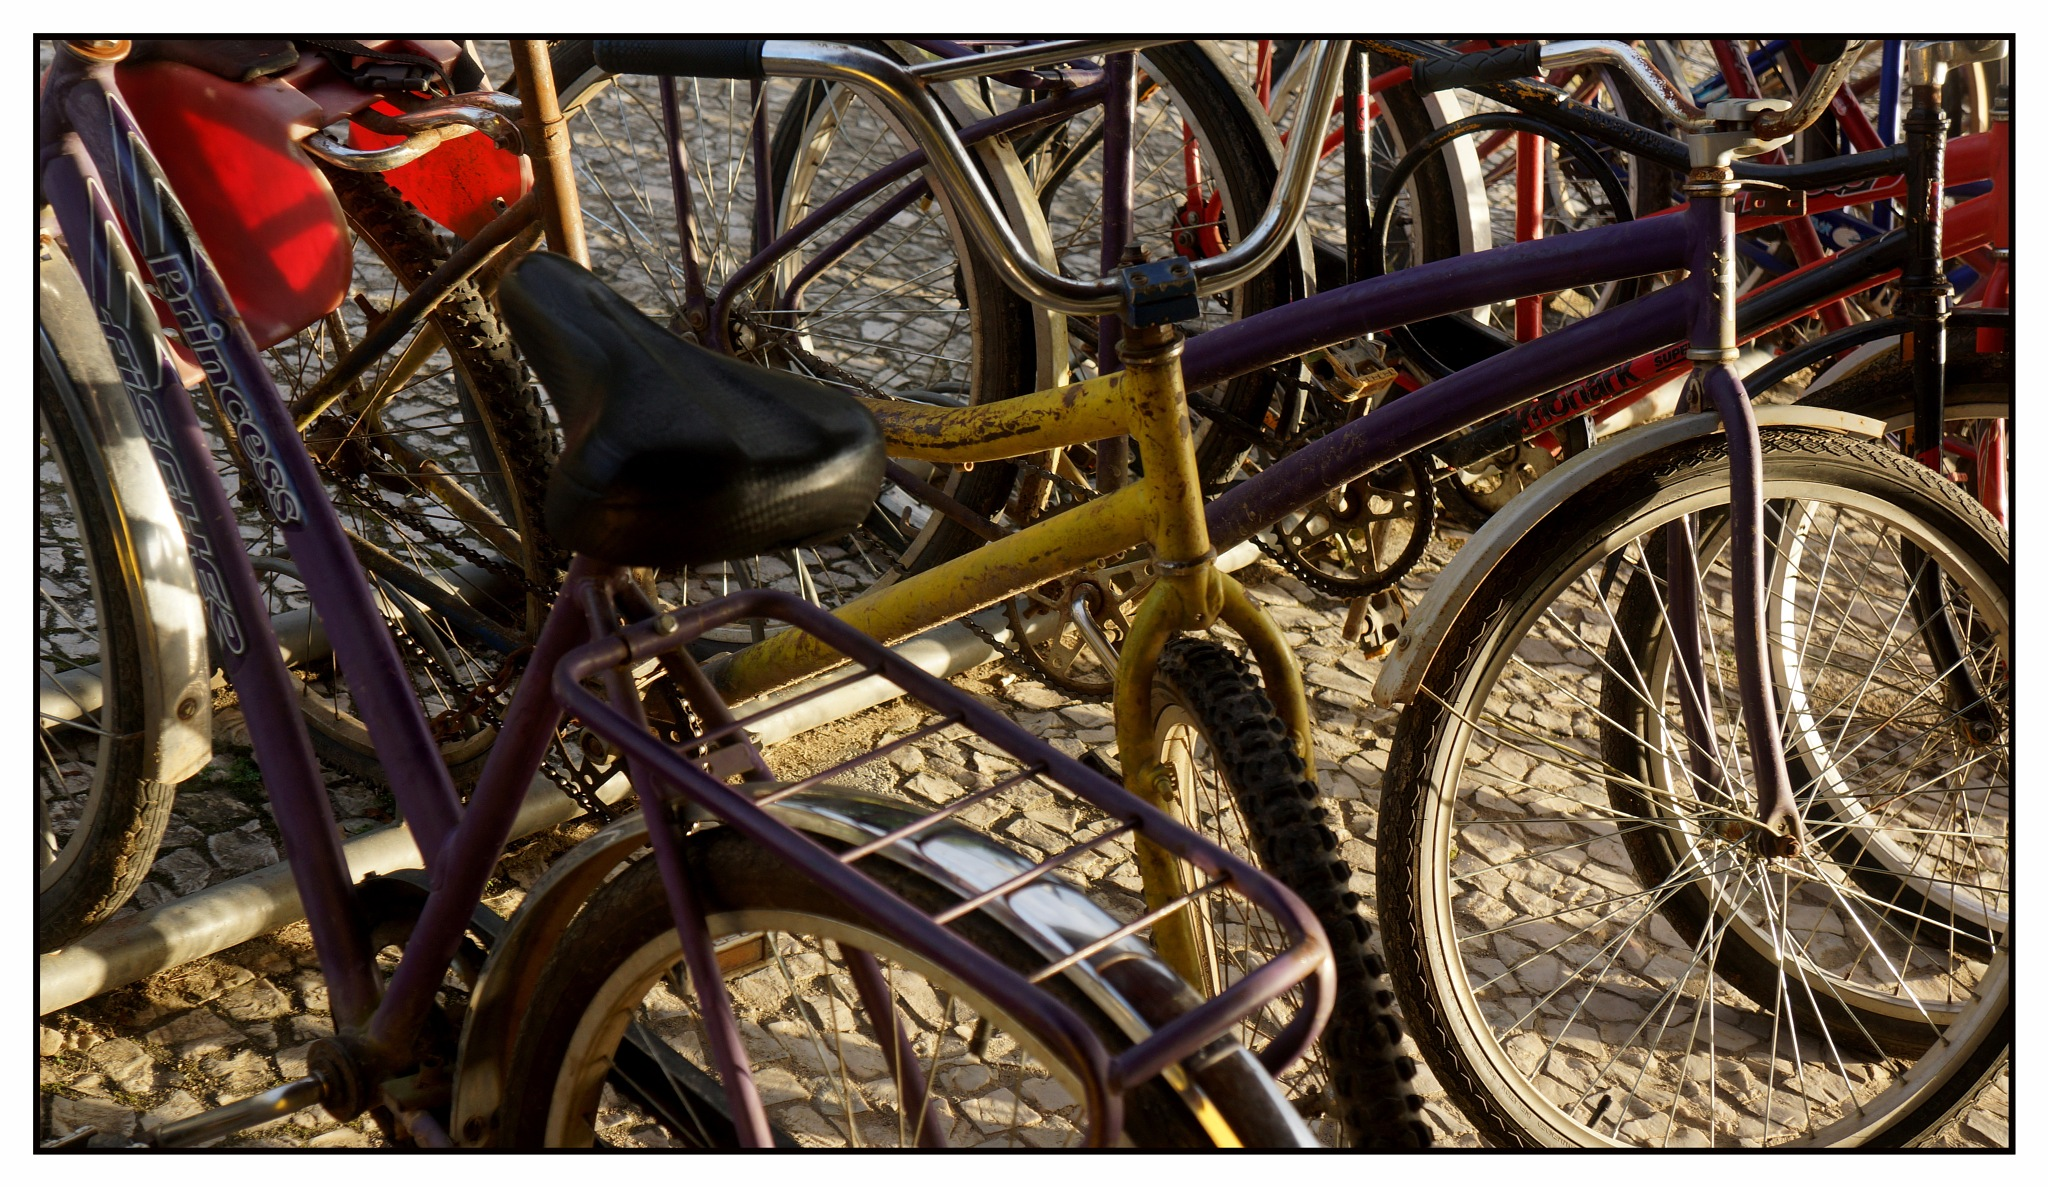 Bikes by José Evaldo Suassuna de Oliveira